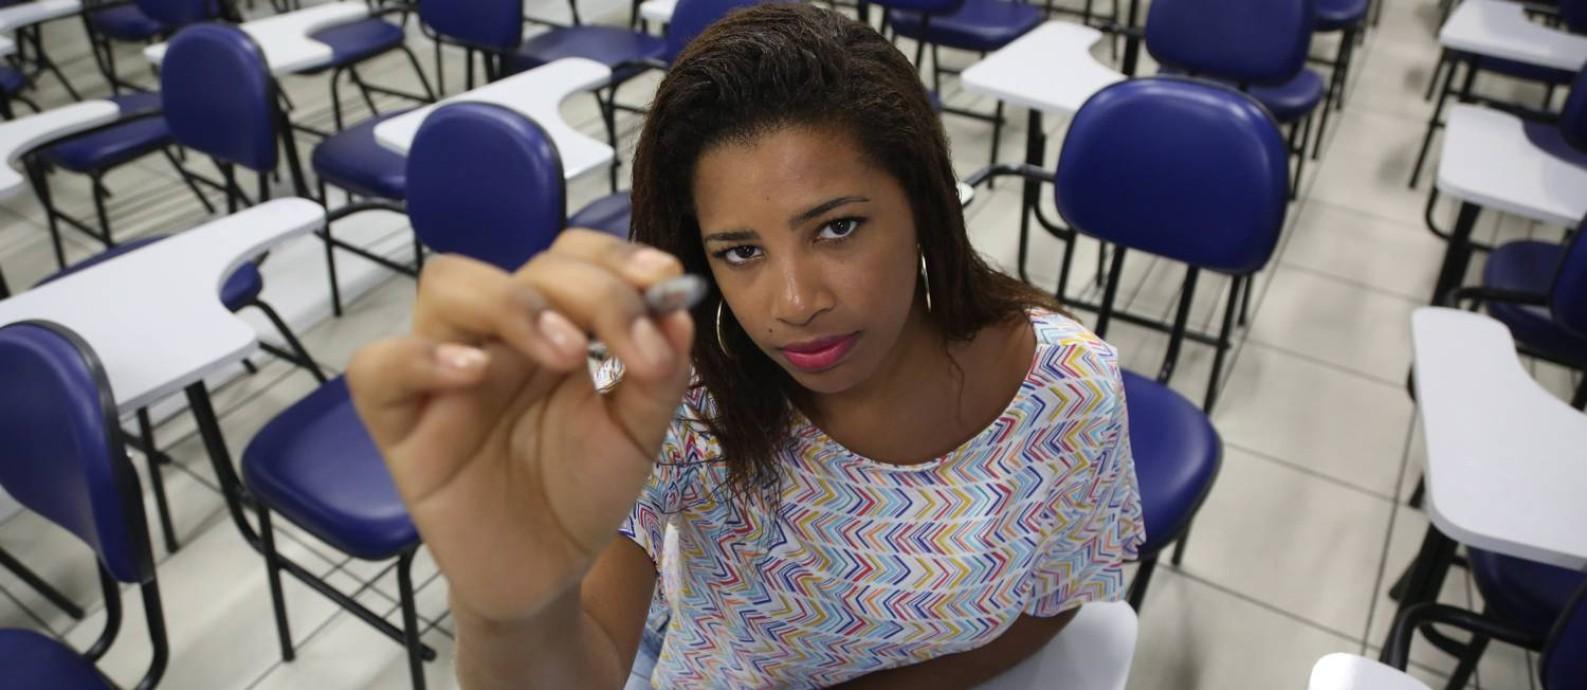 Karina dos Santos Alves estuda na Estácio e acaba de recorrer ao seguro educacional Foto: / Custódio Coimbra